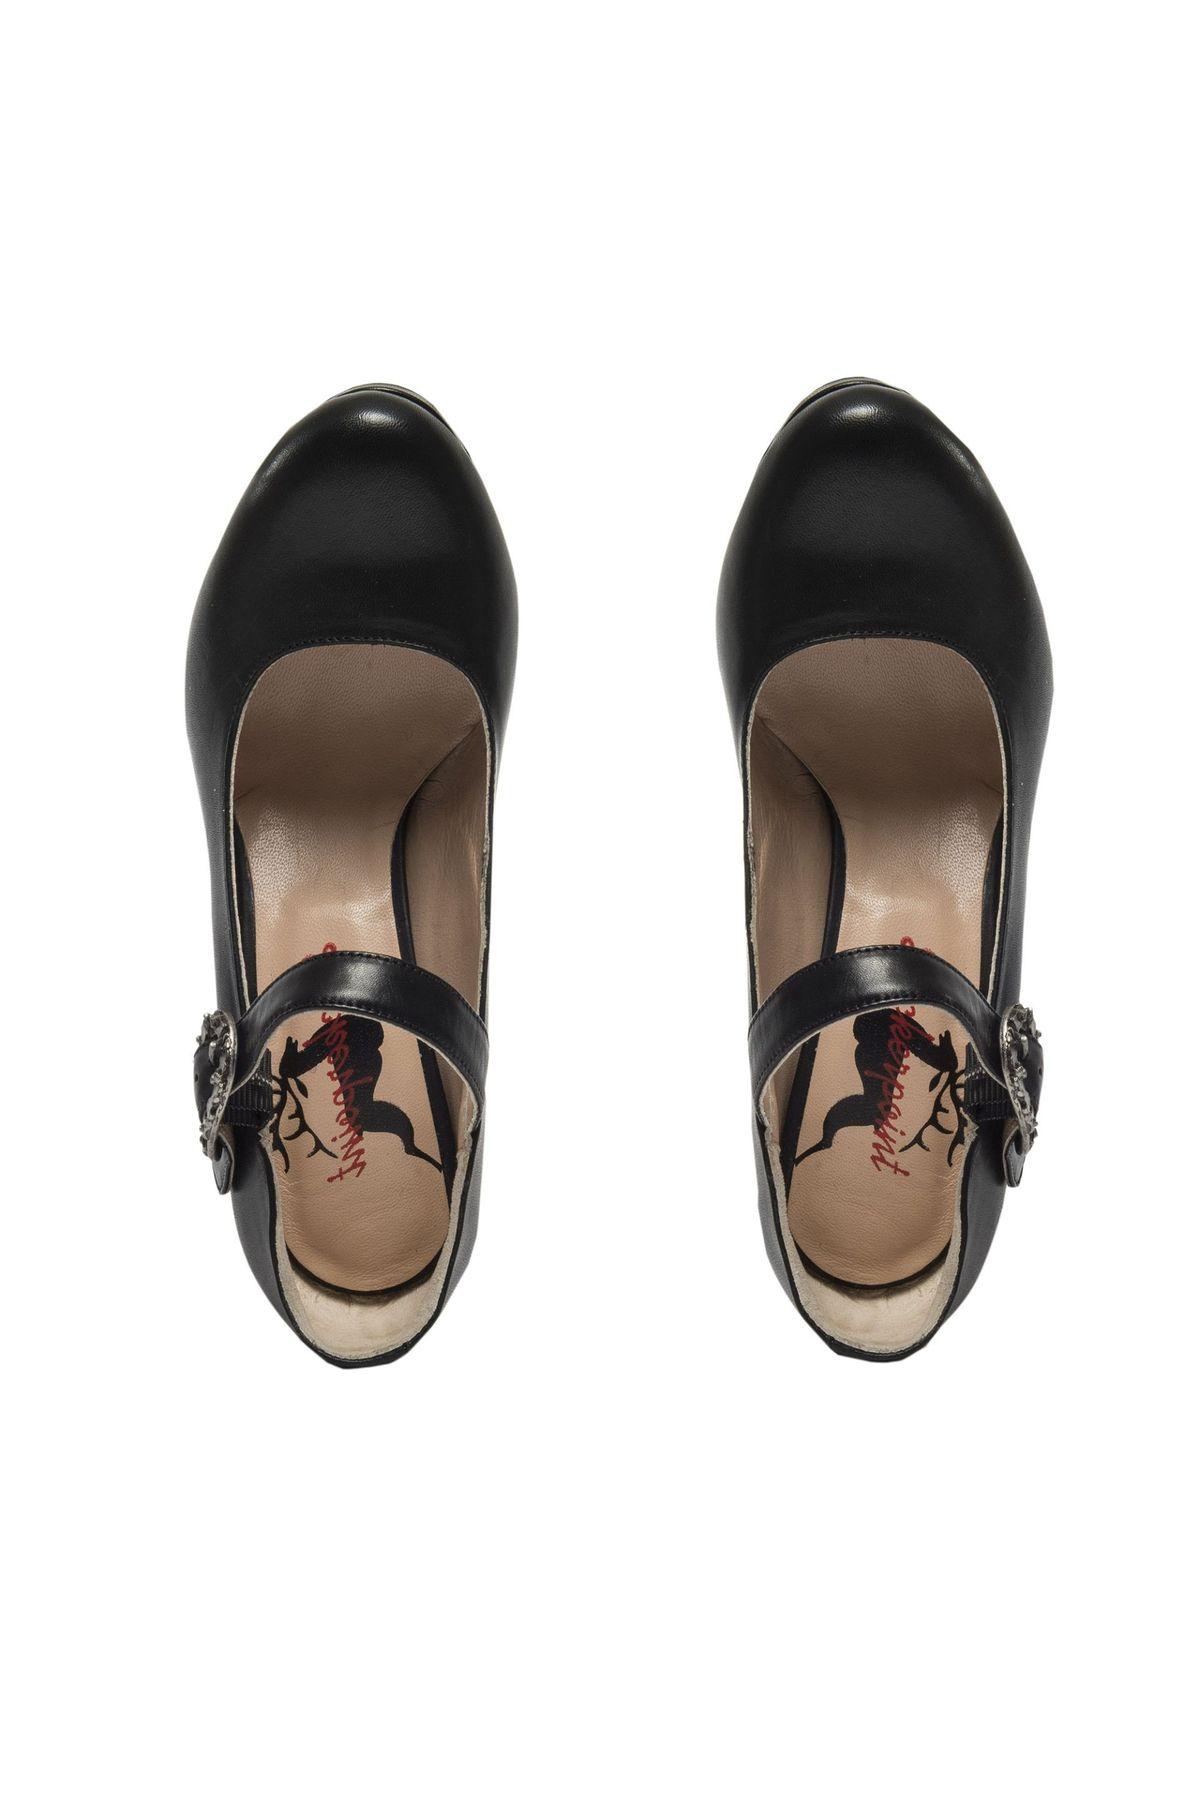 STOCKERPOINT - Damen Dirndl Schuhe in Schwarz, 6010 – Bild 3